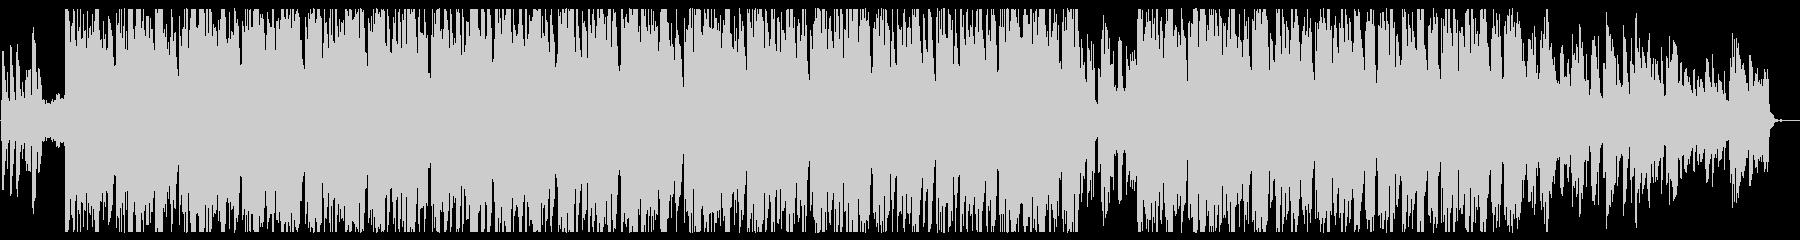 おしゃれなサックス ジャズ&ヒップホップの未再生の波形